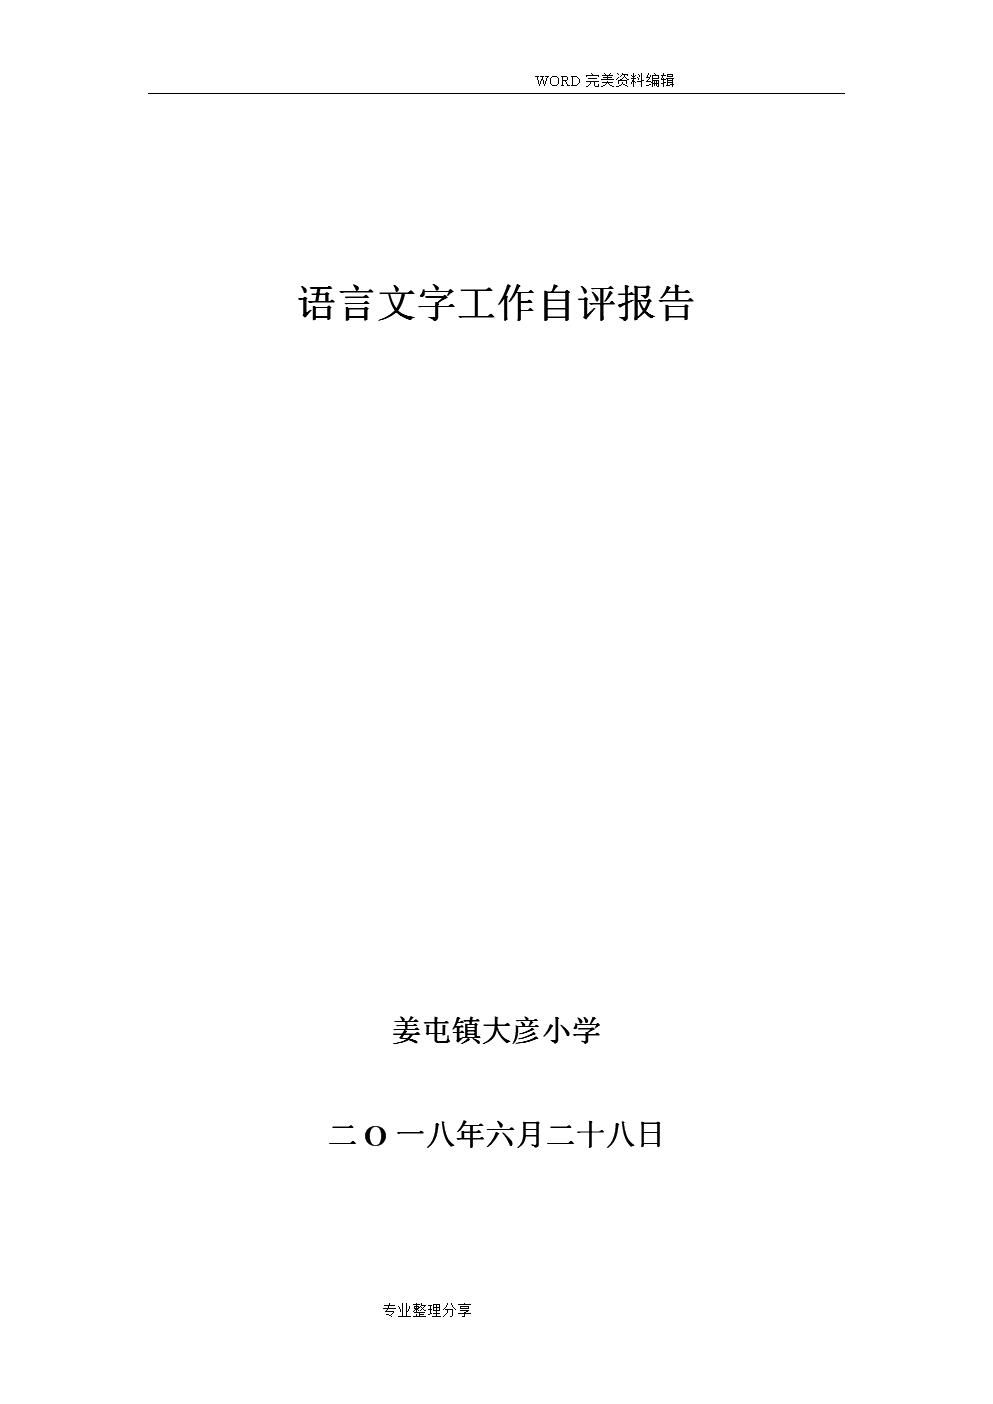 姜屯镇大彦校区语言文字工作自评小学.doc建设小学瓯江报告图片